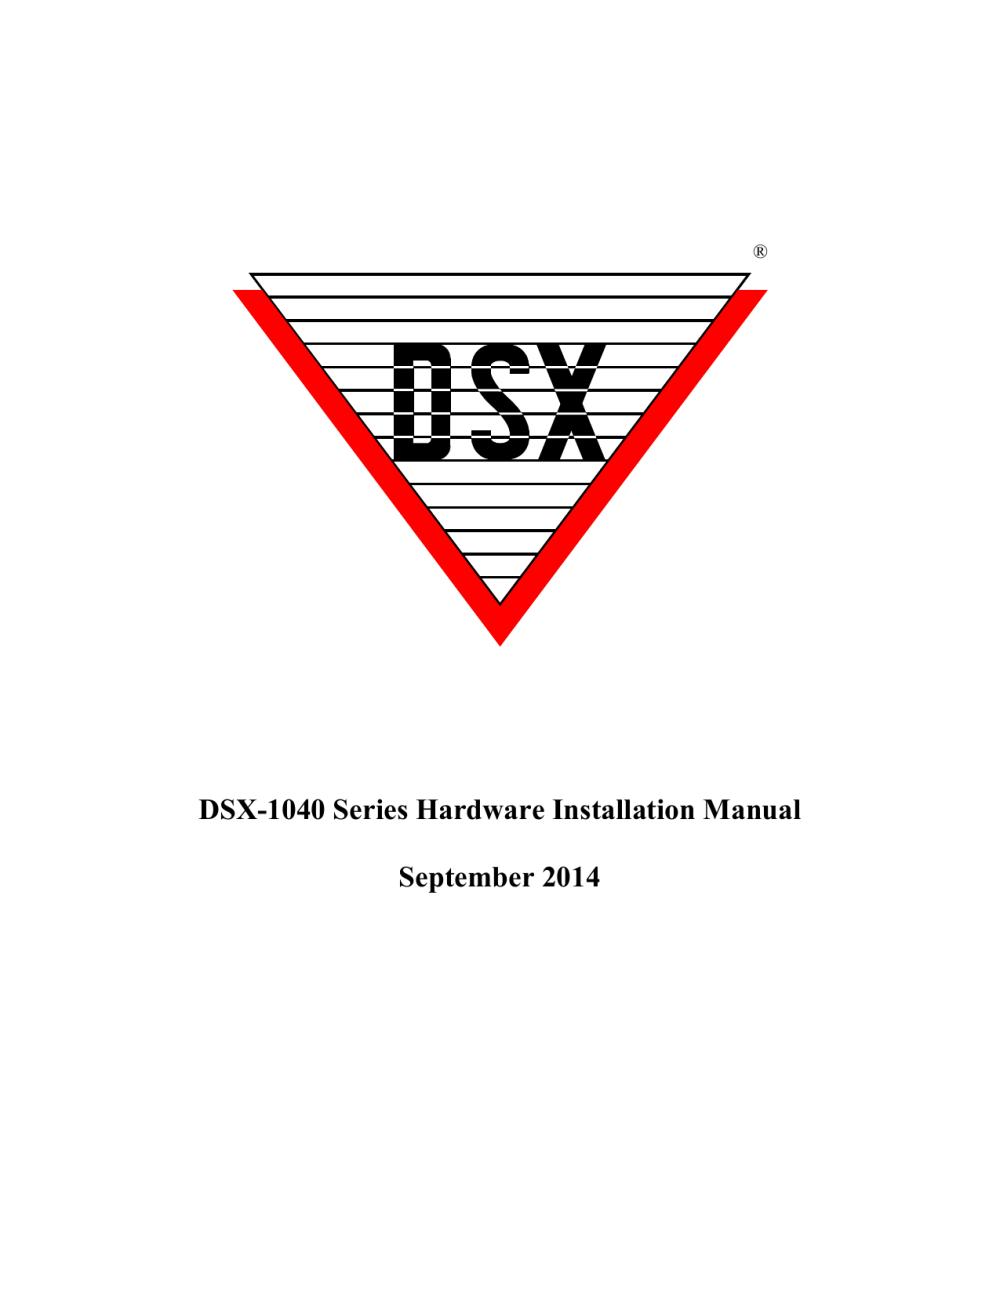 medium resolution of dsx 1040 series hardware installation manual september